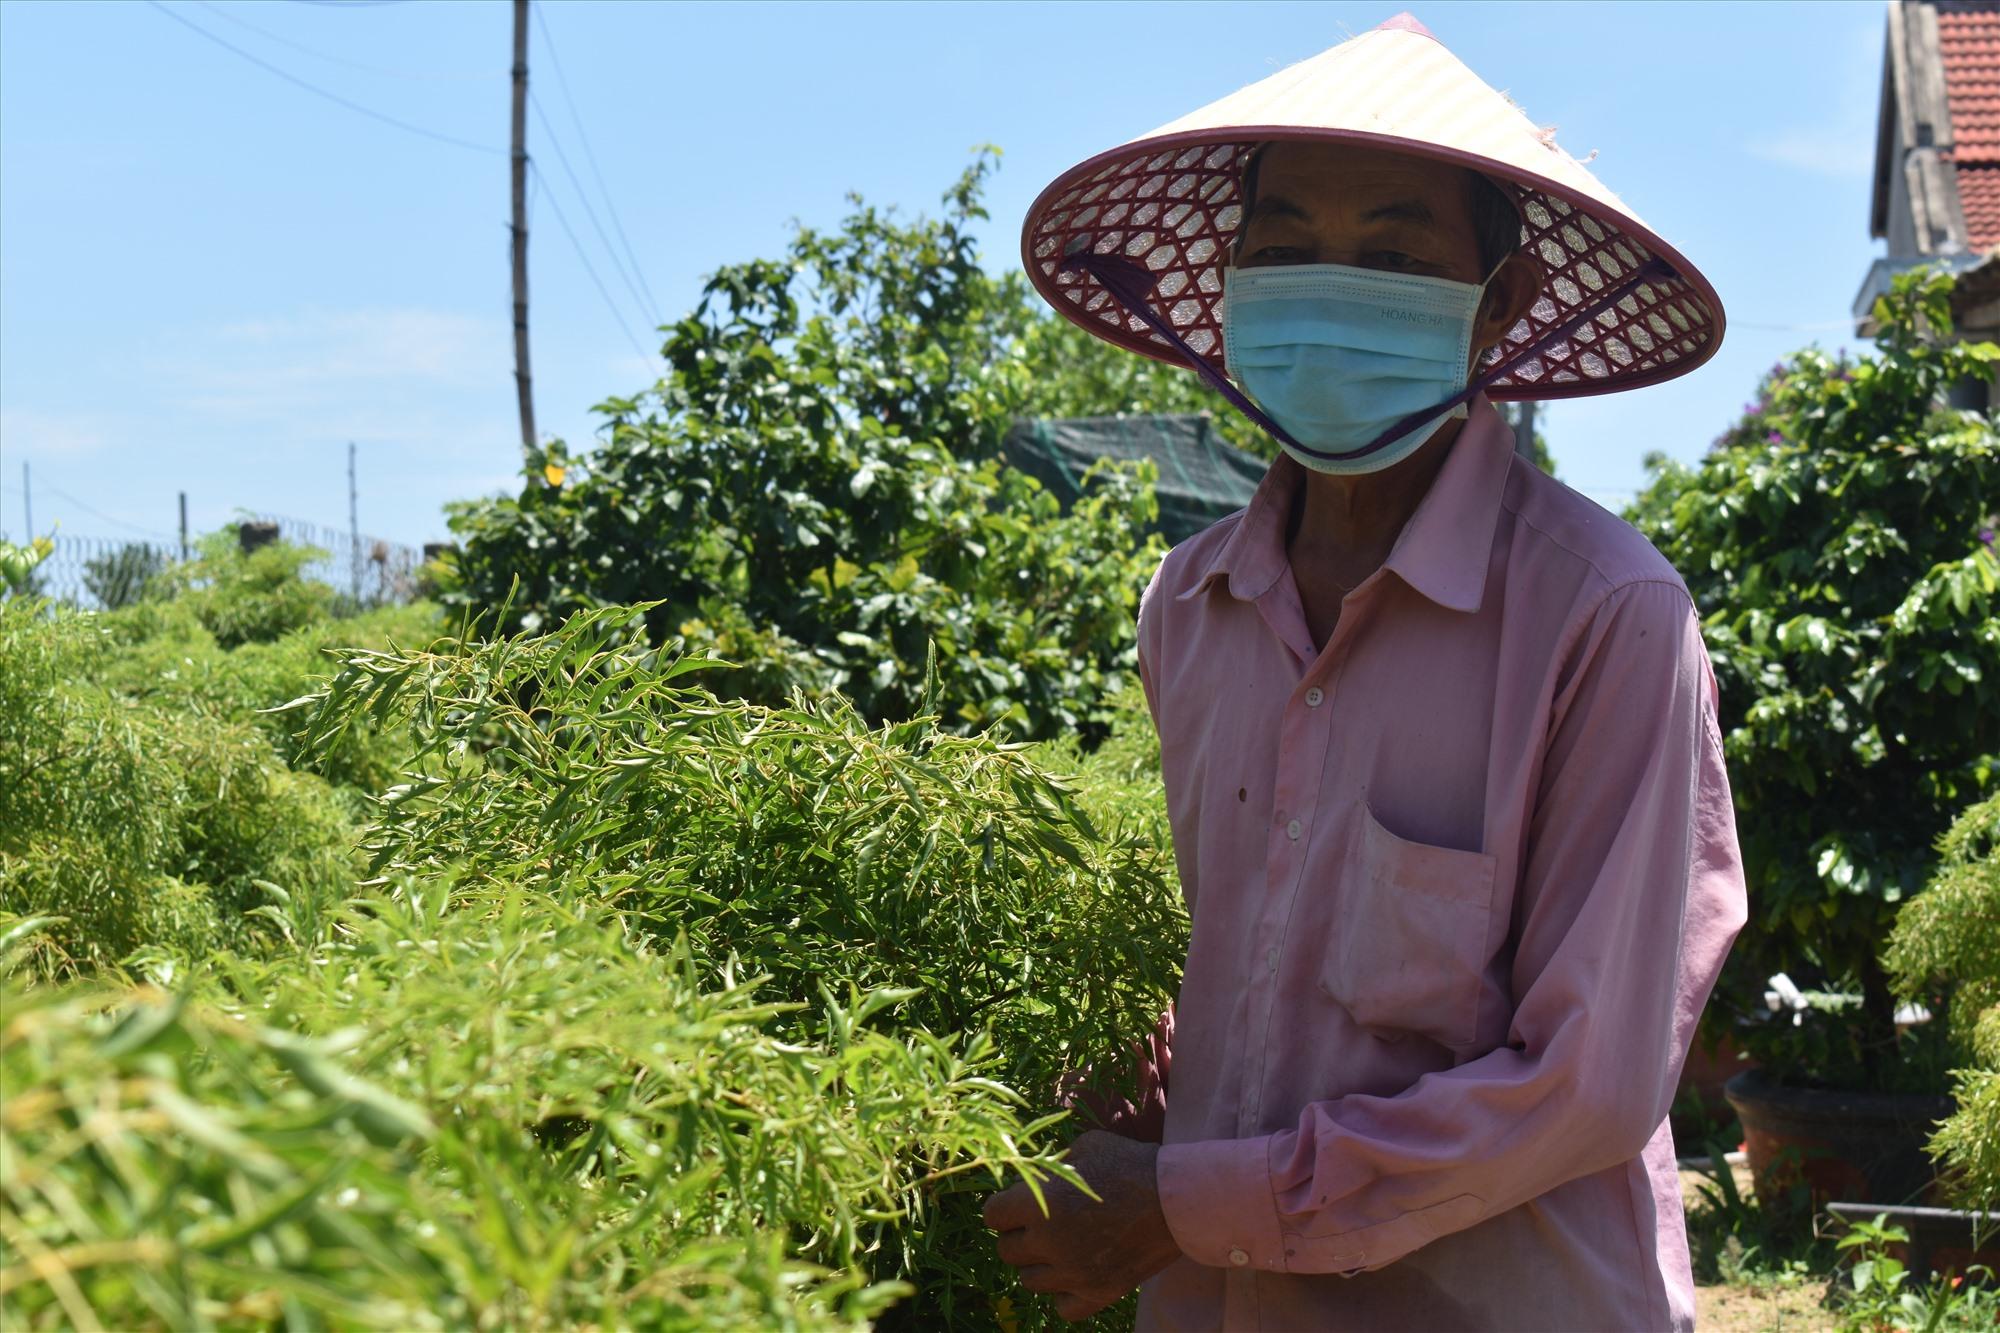 Nhiều hộ dân đã chuyển đổi sang trồng cây dược liệu, hoa màu trên diện tích đất vườn nhà.